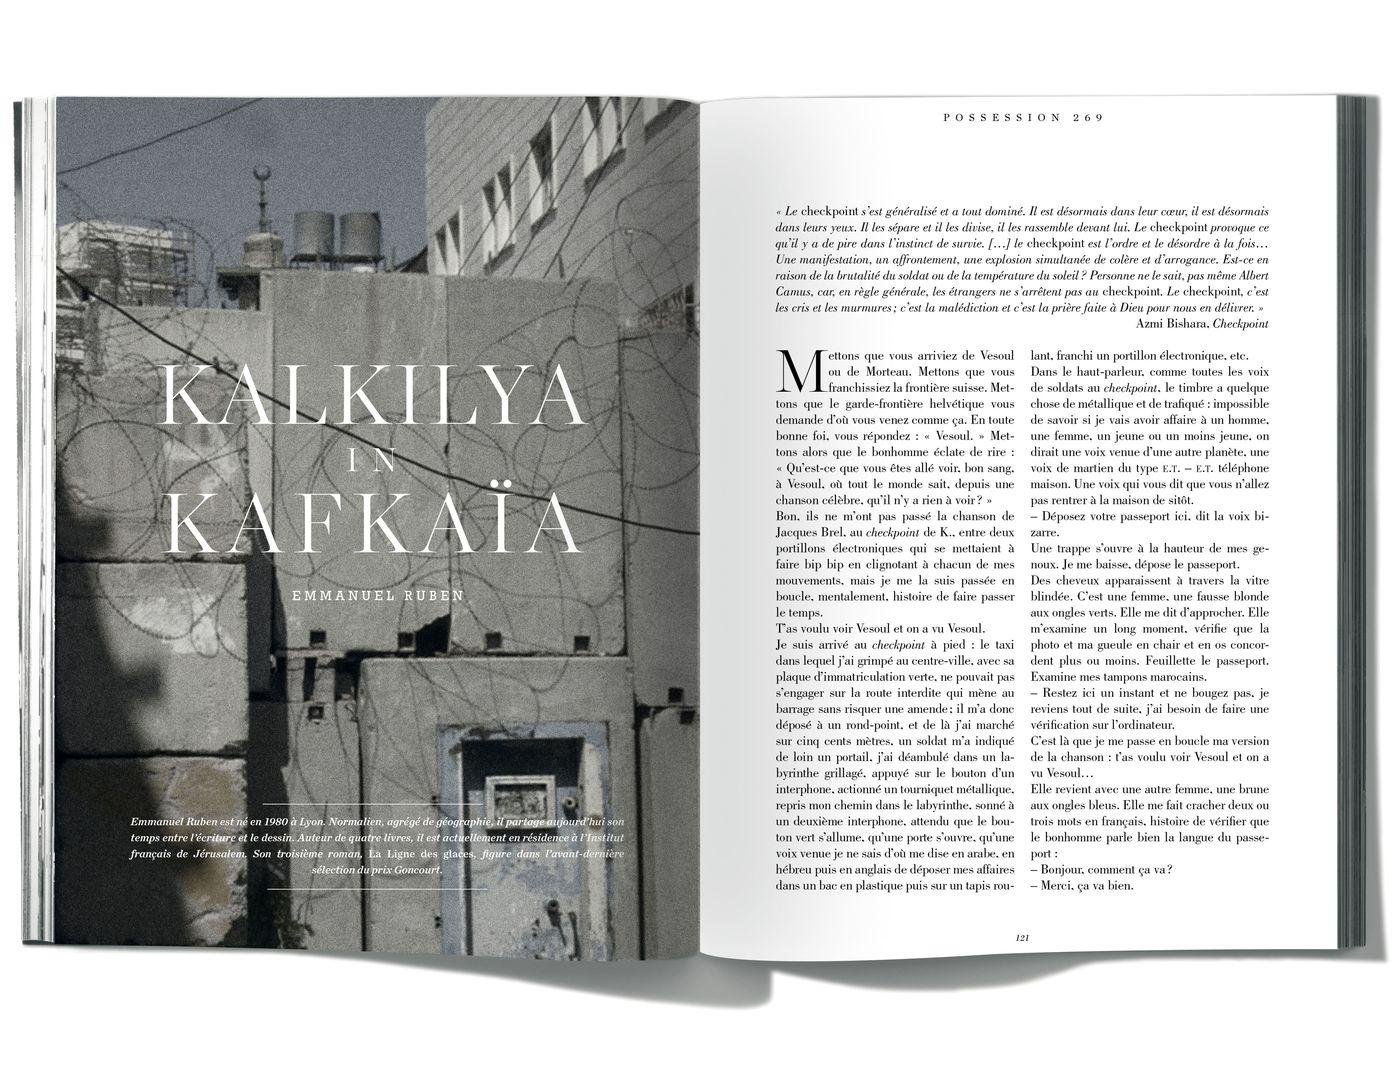 Texte de Emmanuel Ruben, Kalkilya in Kafkaïa